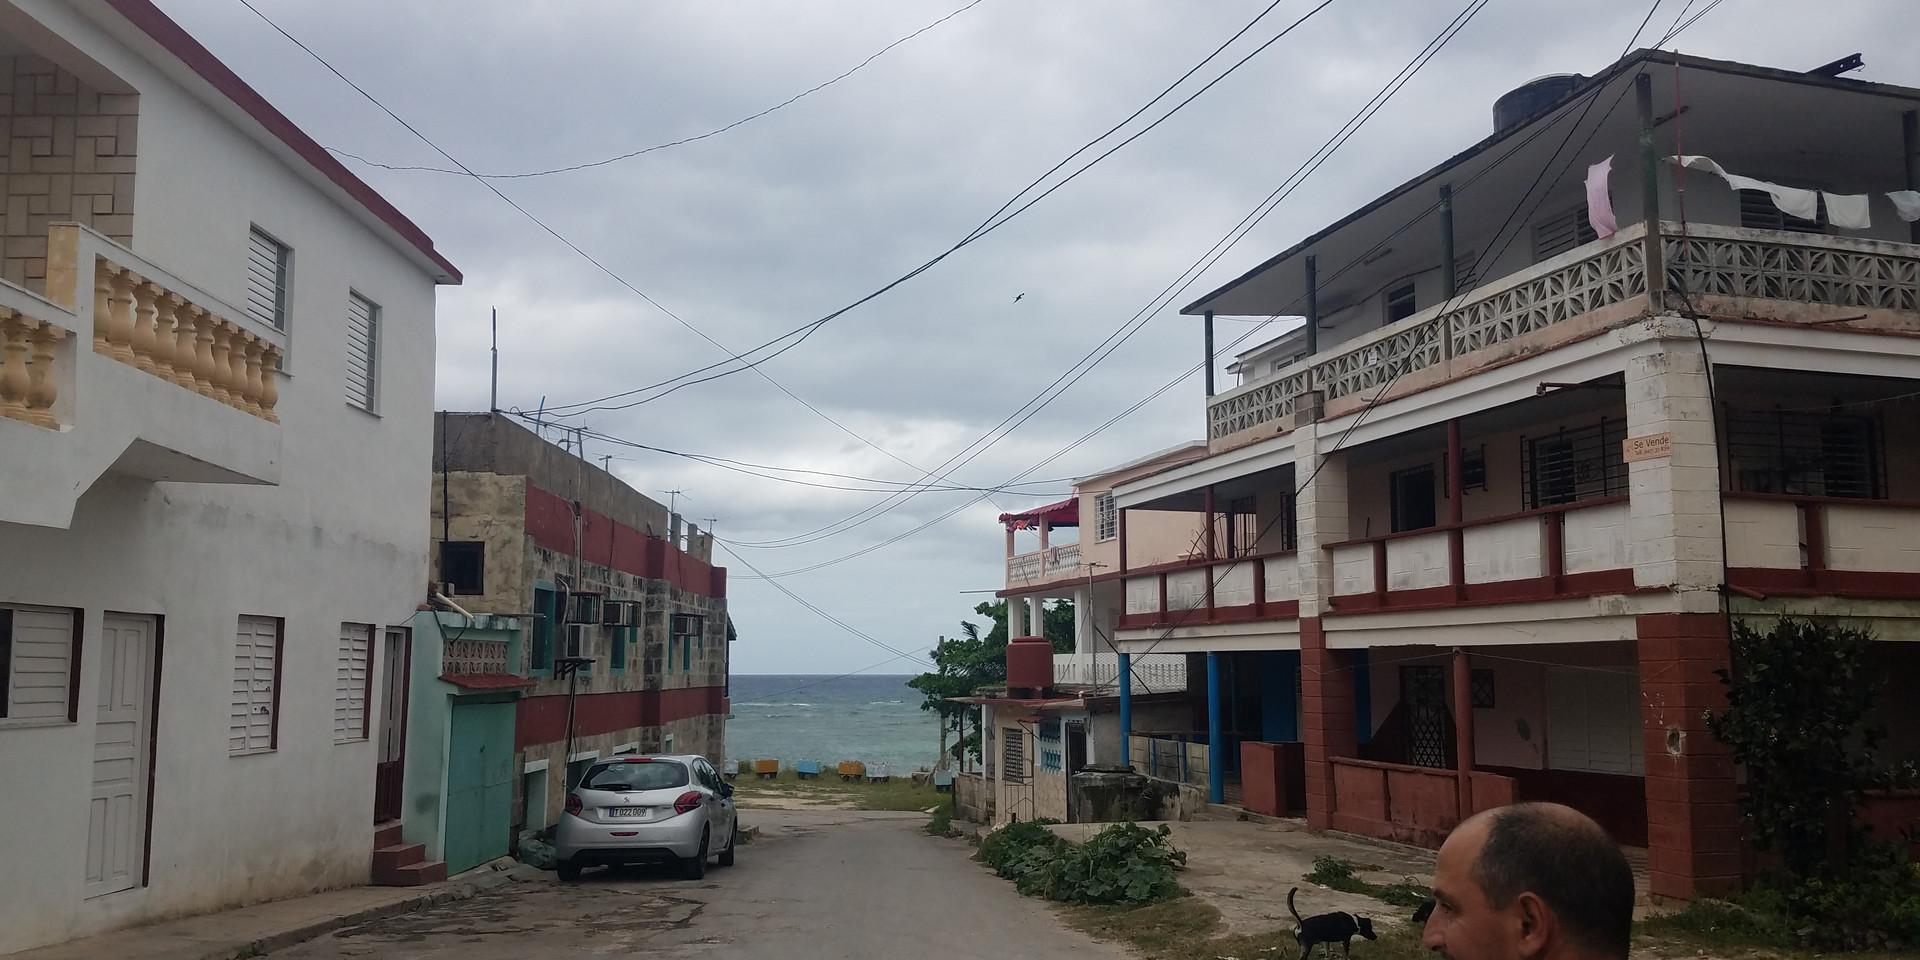 Town near Baracoa